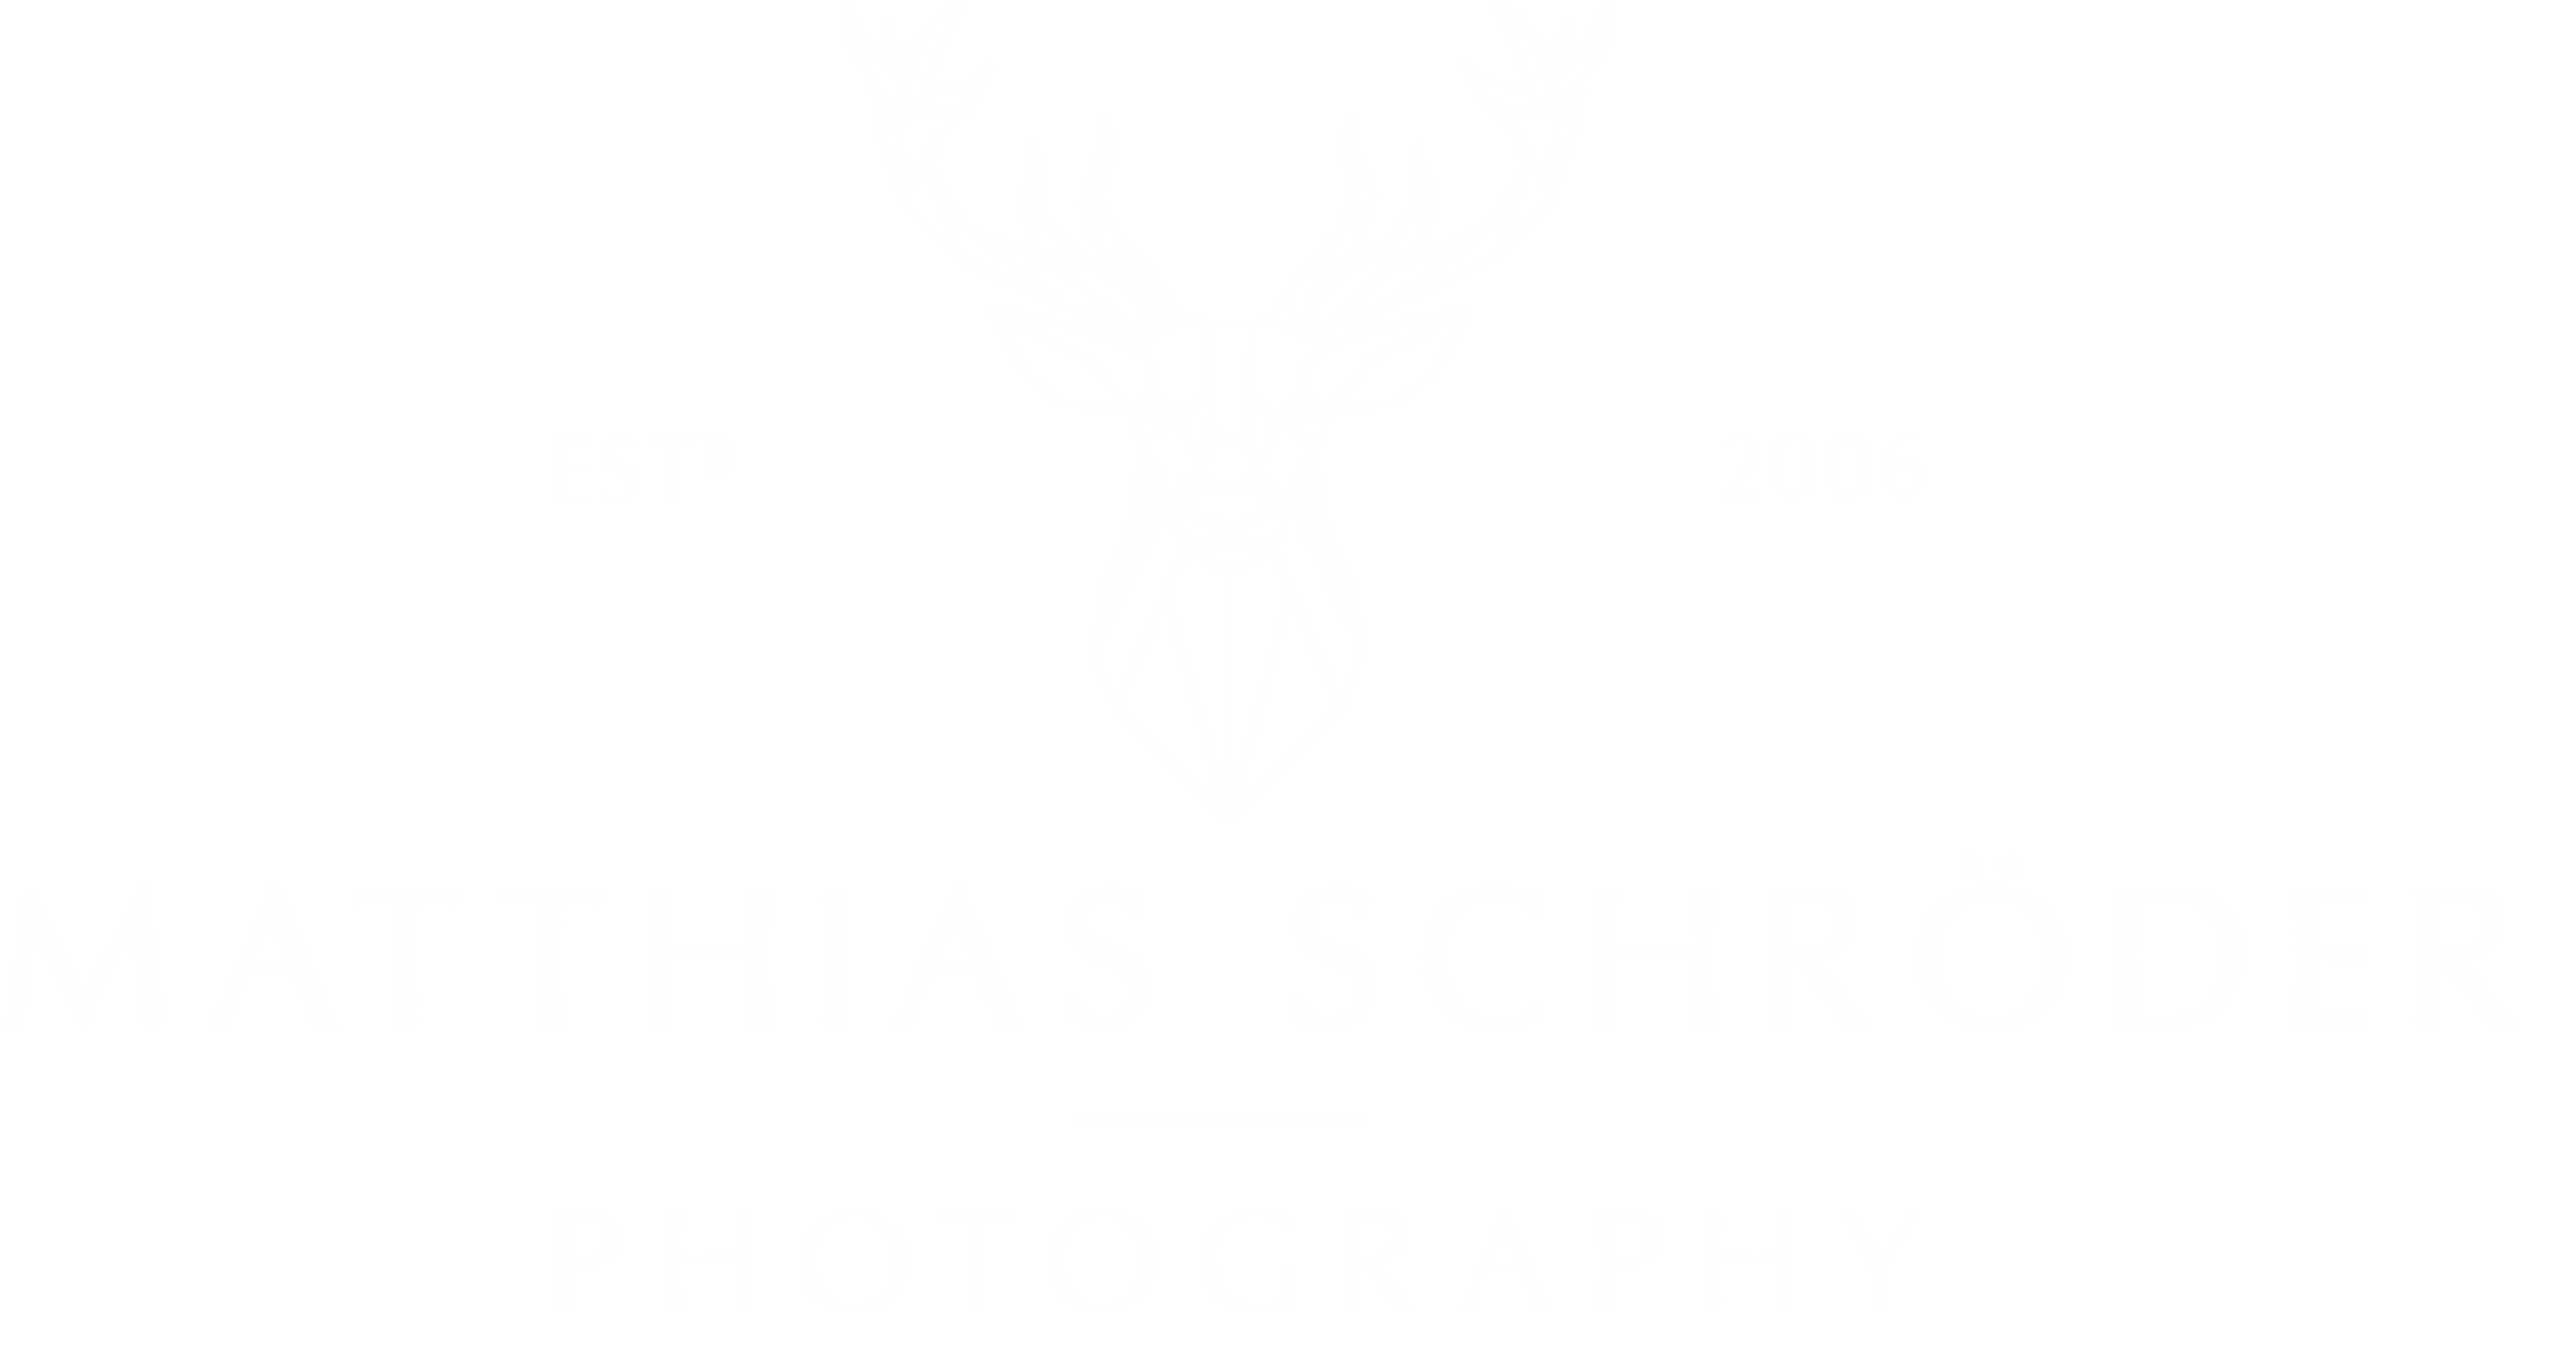 Matthias Schröder Photography